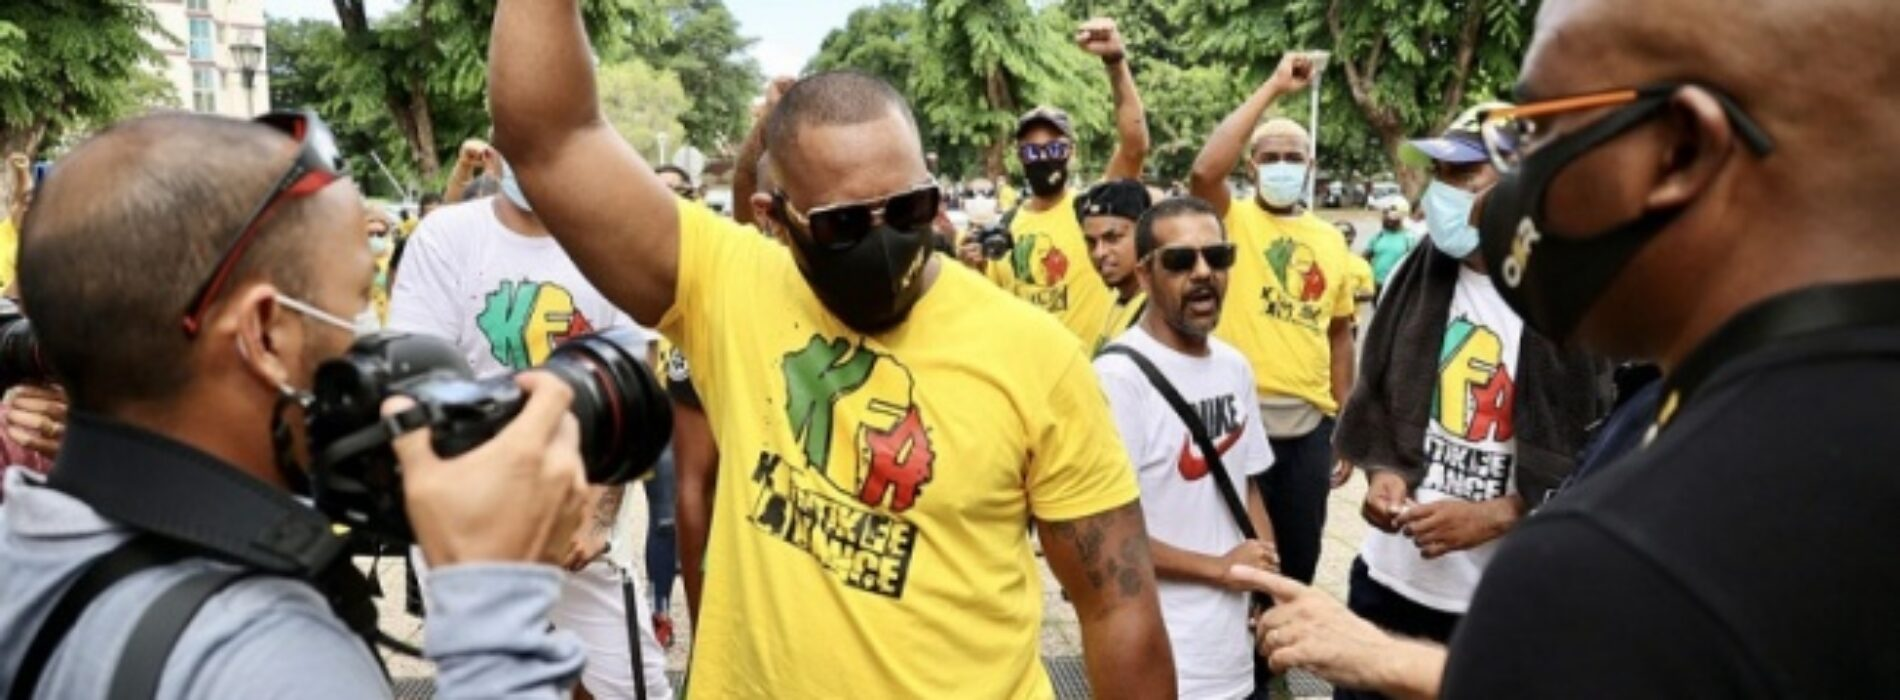 """L K P Vizion présente """"Kritik Fé Avancé"""" avec Willy Incana – Reportage sur l'affaire du 31 decembre dans la ville du Port, à l'ile de la Réunion . Avril 2021"""